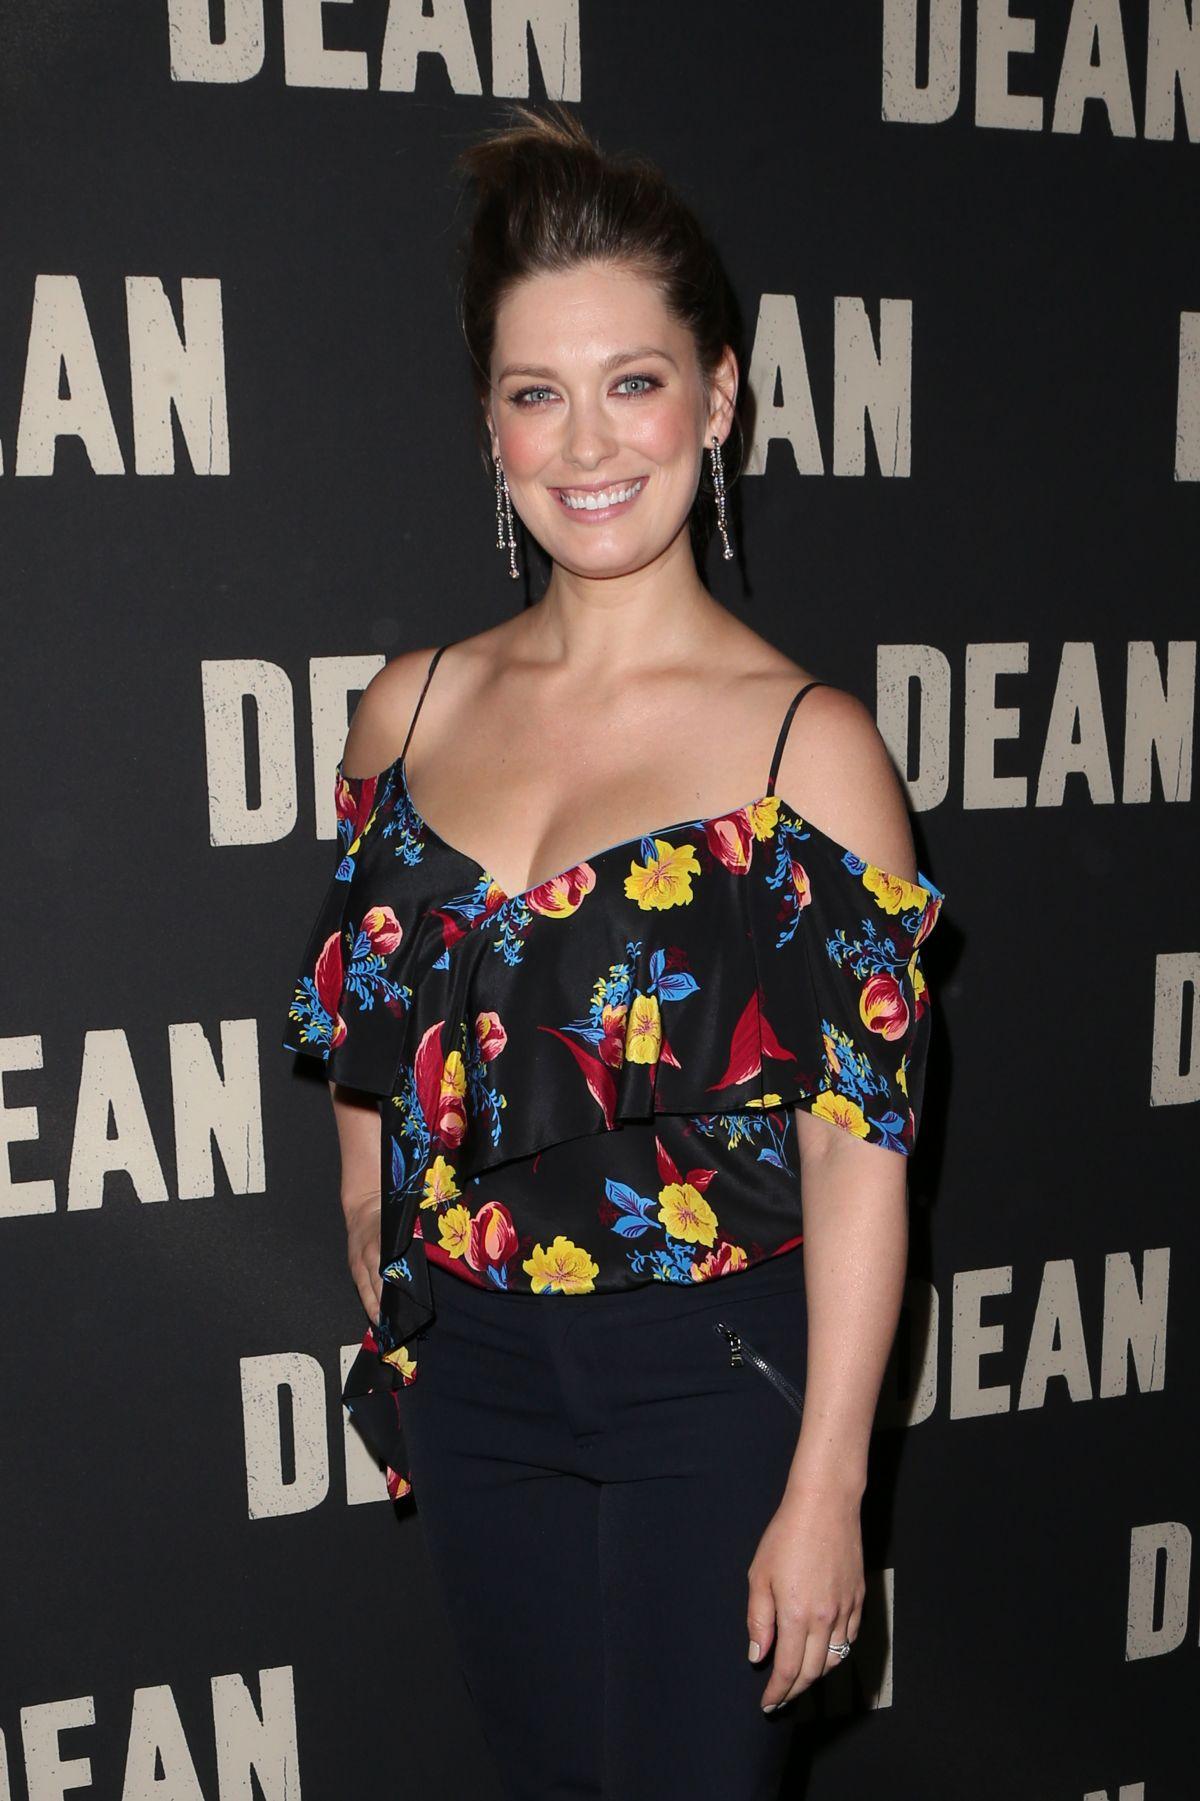 BRIGA HEELAN at Dean Premiere in Los Angeles 05/24/2017